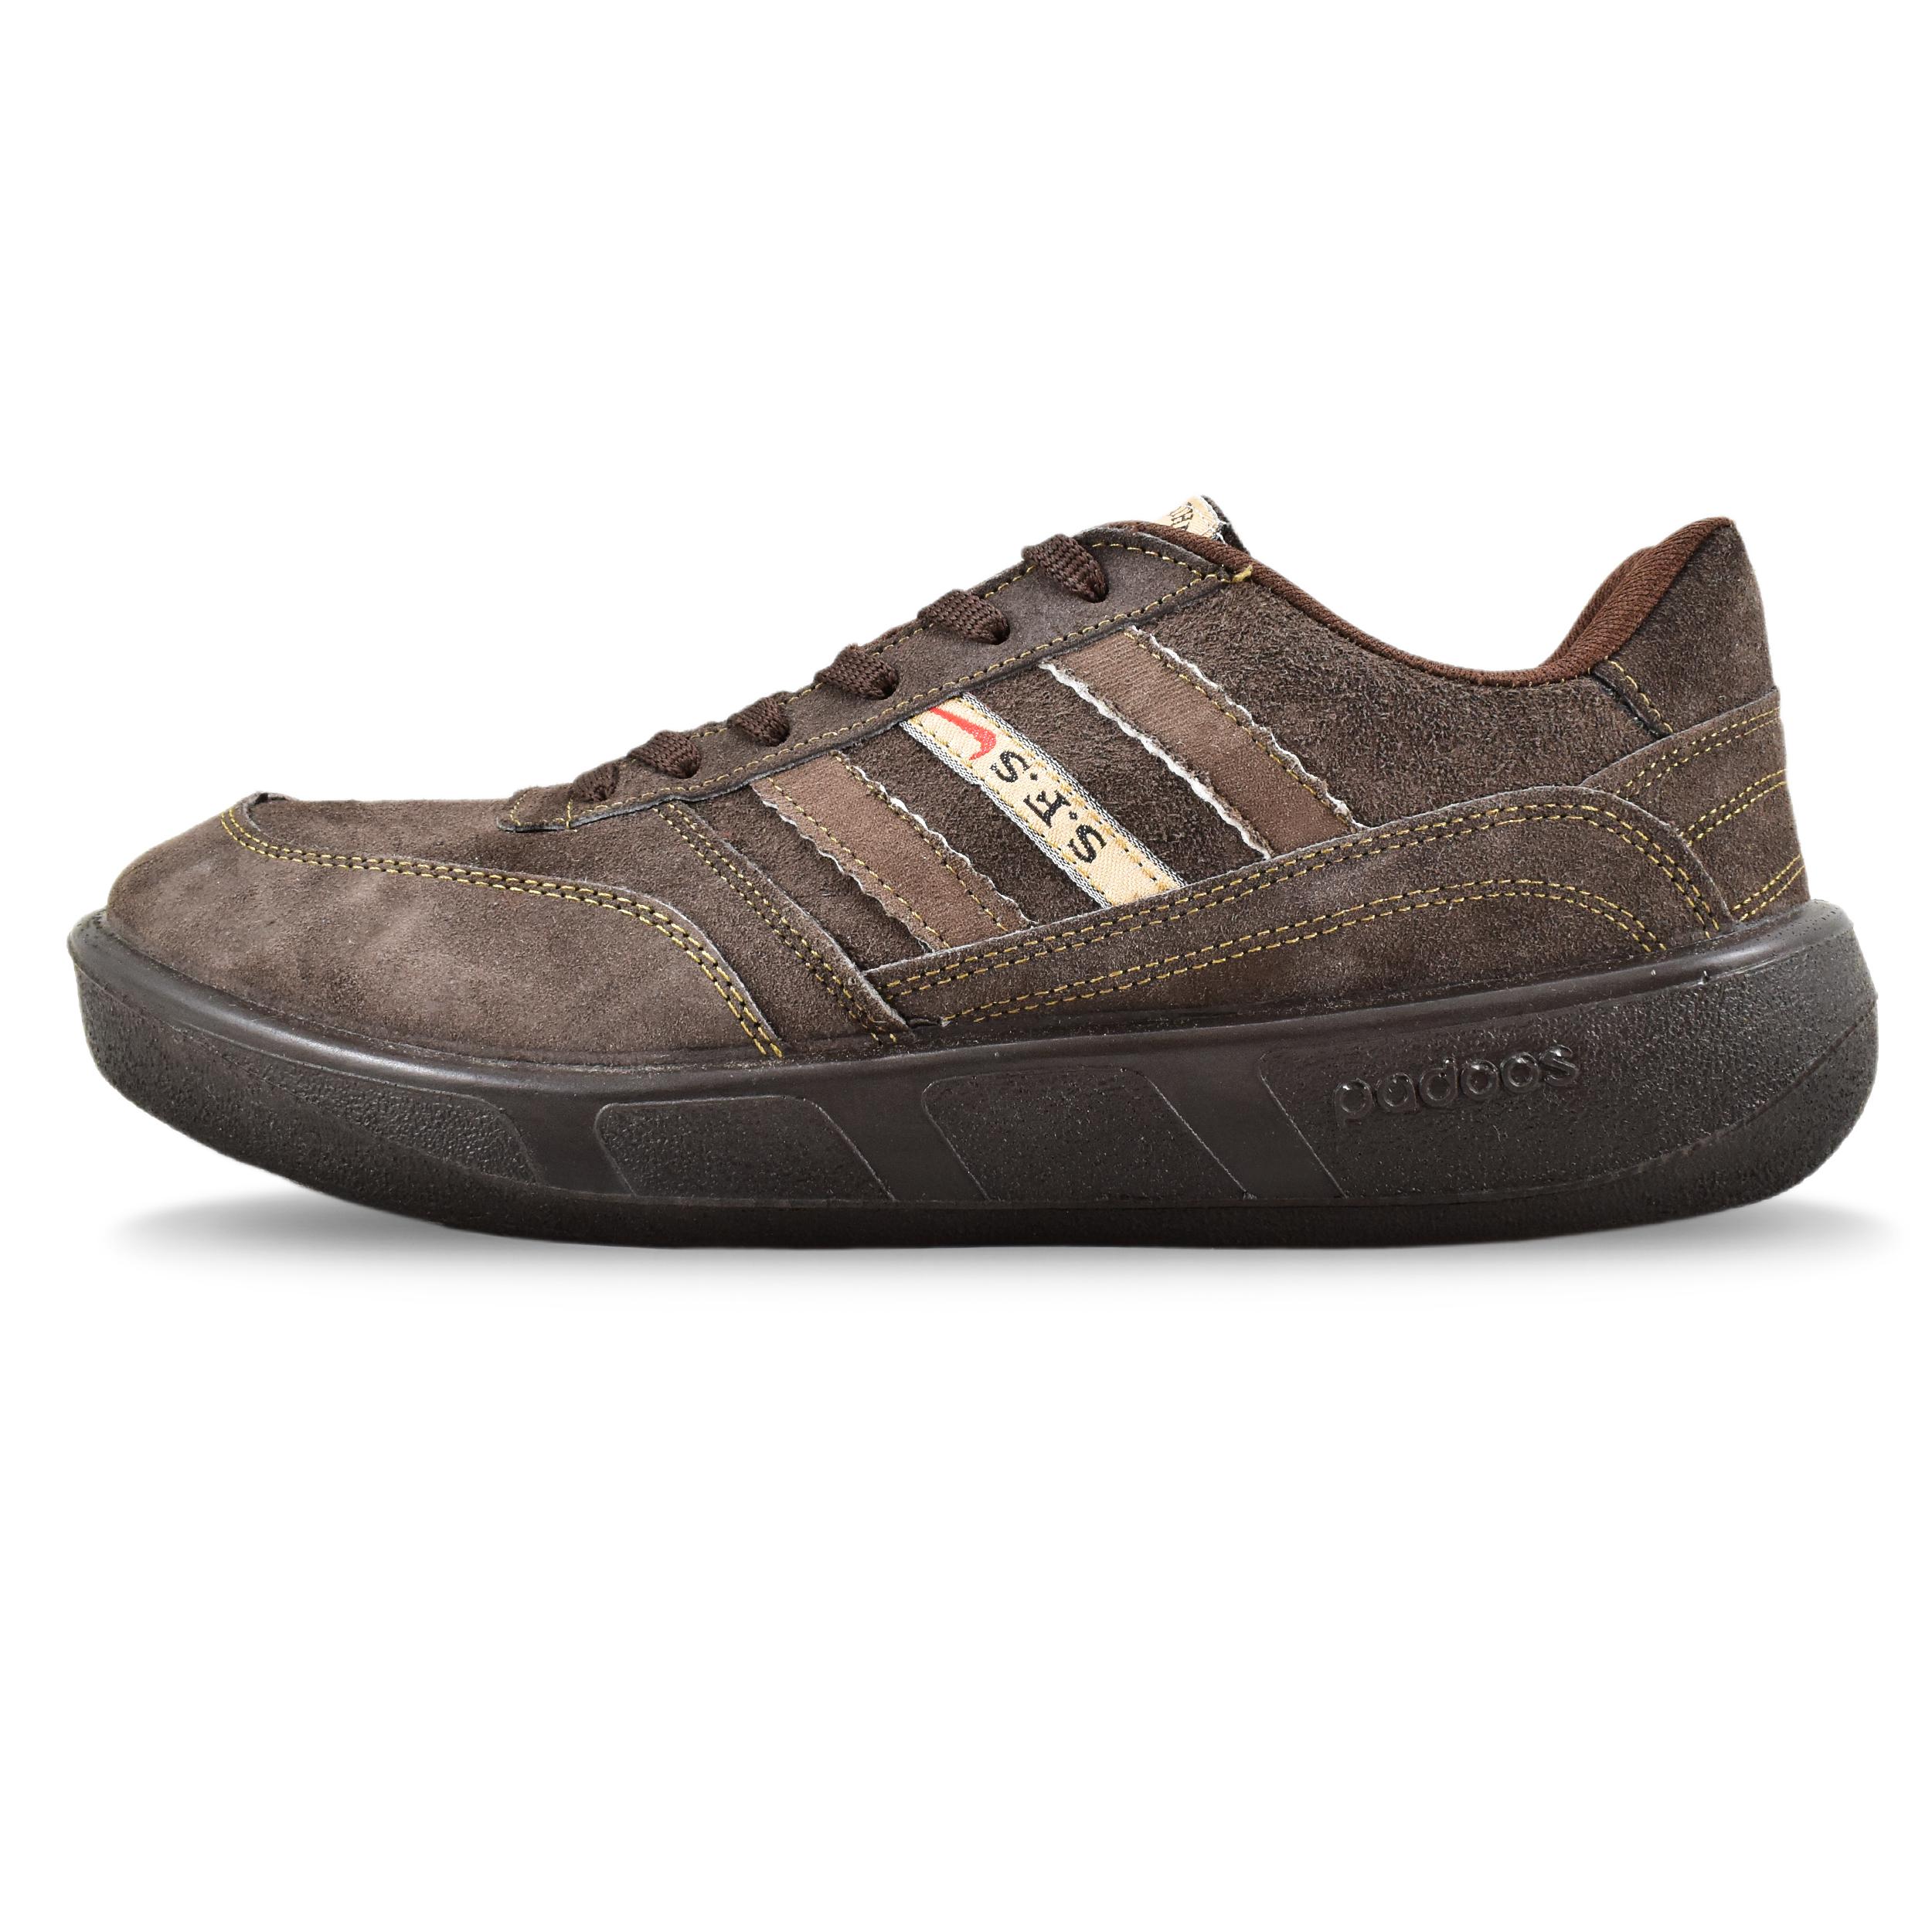 کفش مخصوص پیاده روی مردانه اس اف اس مدل پورشه کد 4118